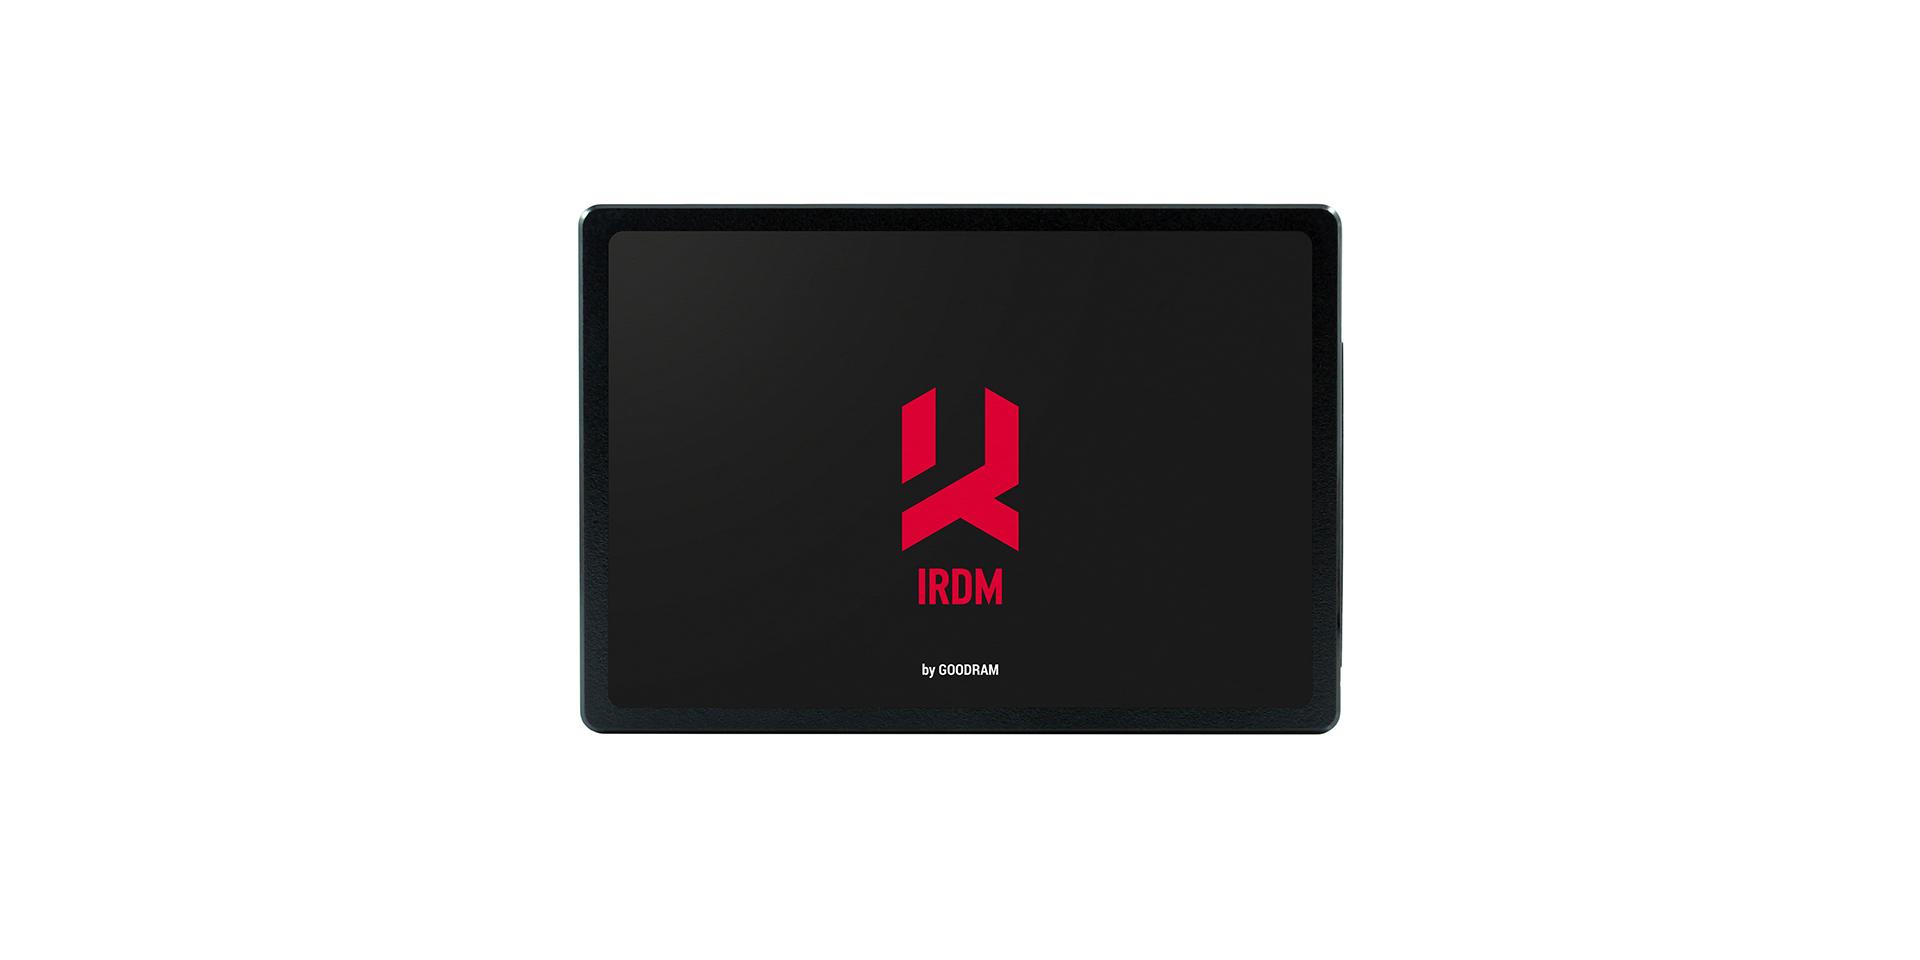 IRDM SSD